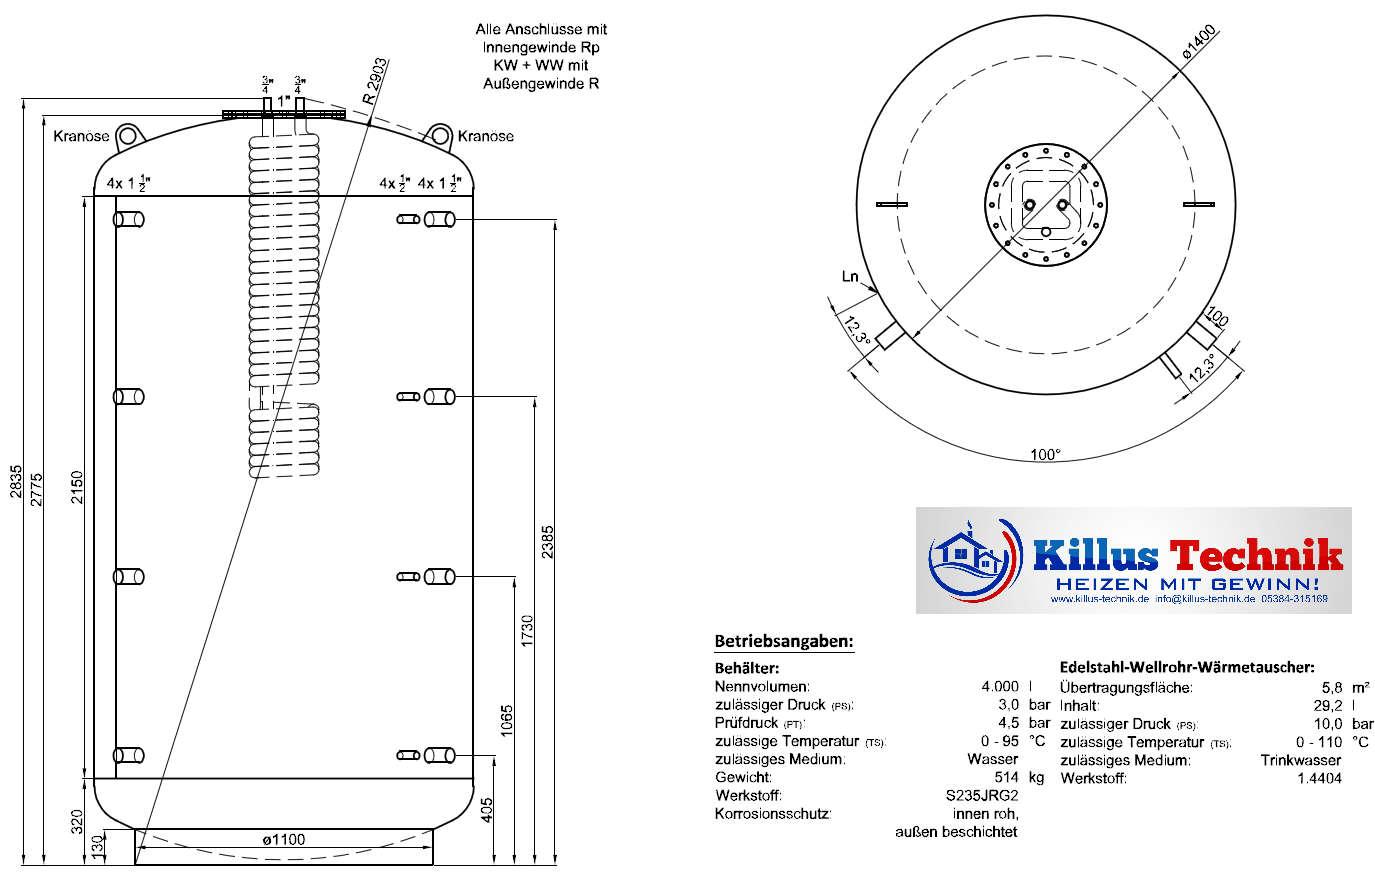 TWL Hygienespeicher mit Edelstahl-Wärmetauscher zur Frischwasser-Erwärmung ohne zusätzlichen Wärmetauscher Killus-Technik.de